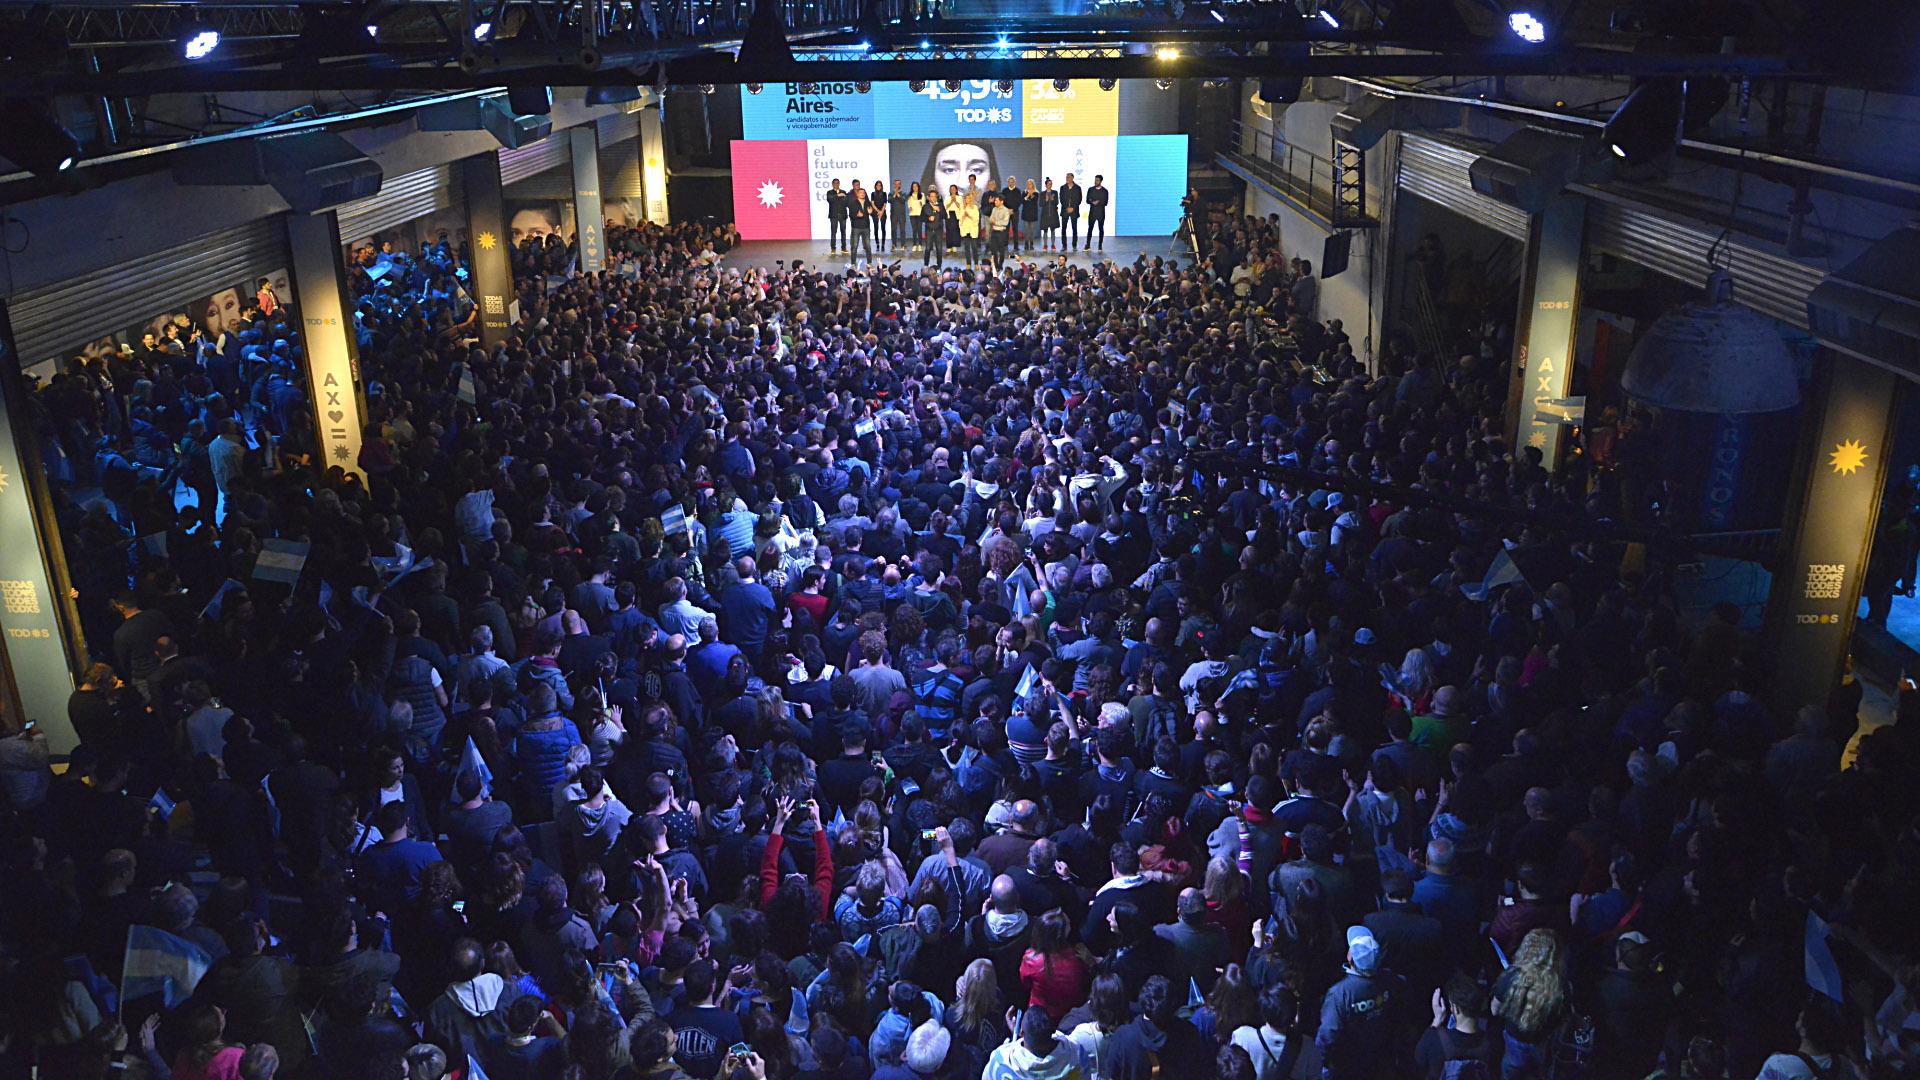 El búnker de Frente de Todos se colmó incluso antes de que se empezaran a conocer los primeros resultados oficiales de las PASO (Gustavo Gavotti)